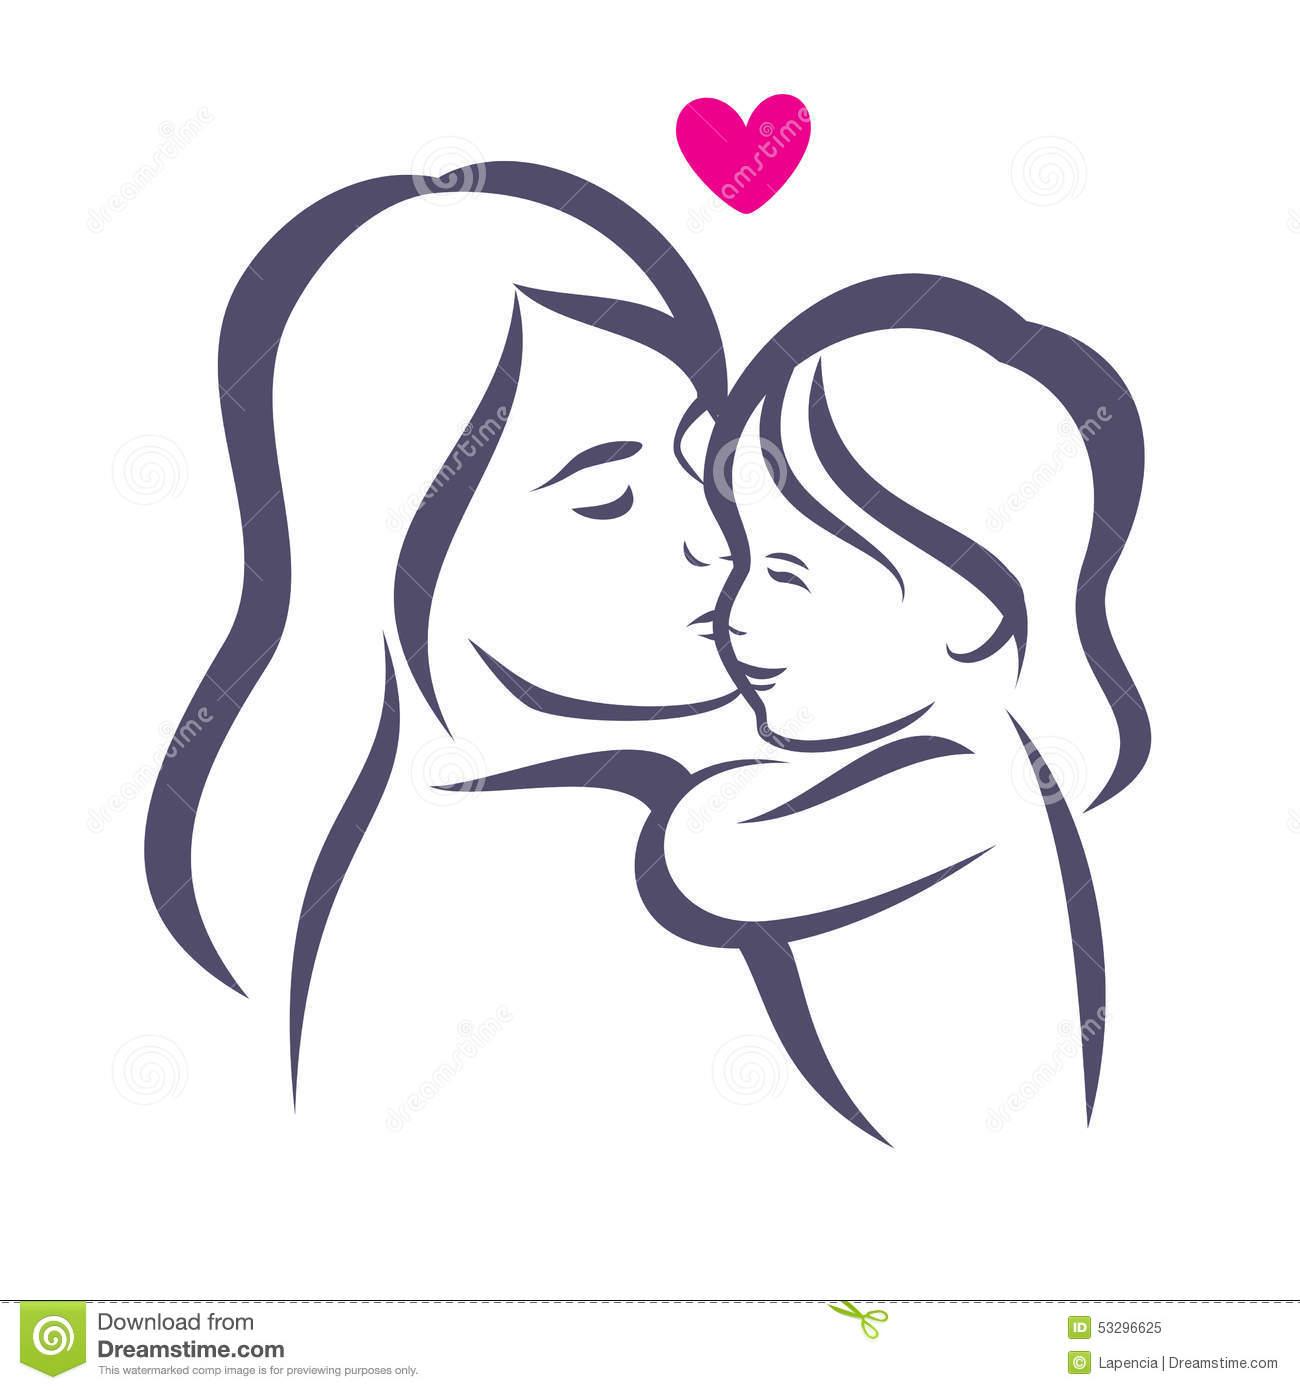 Selamat Hari Ibu, Ma. Berbahagialah di Surga